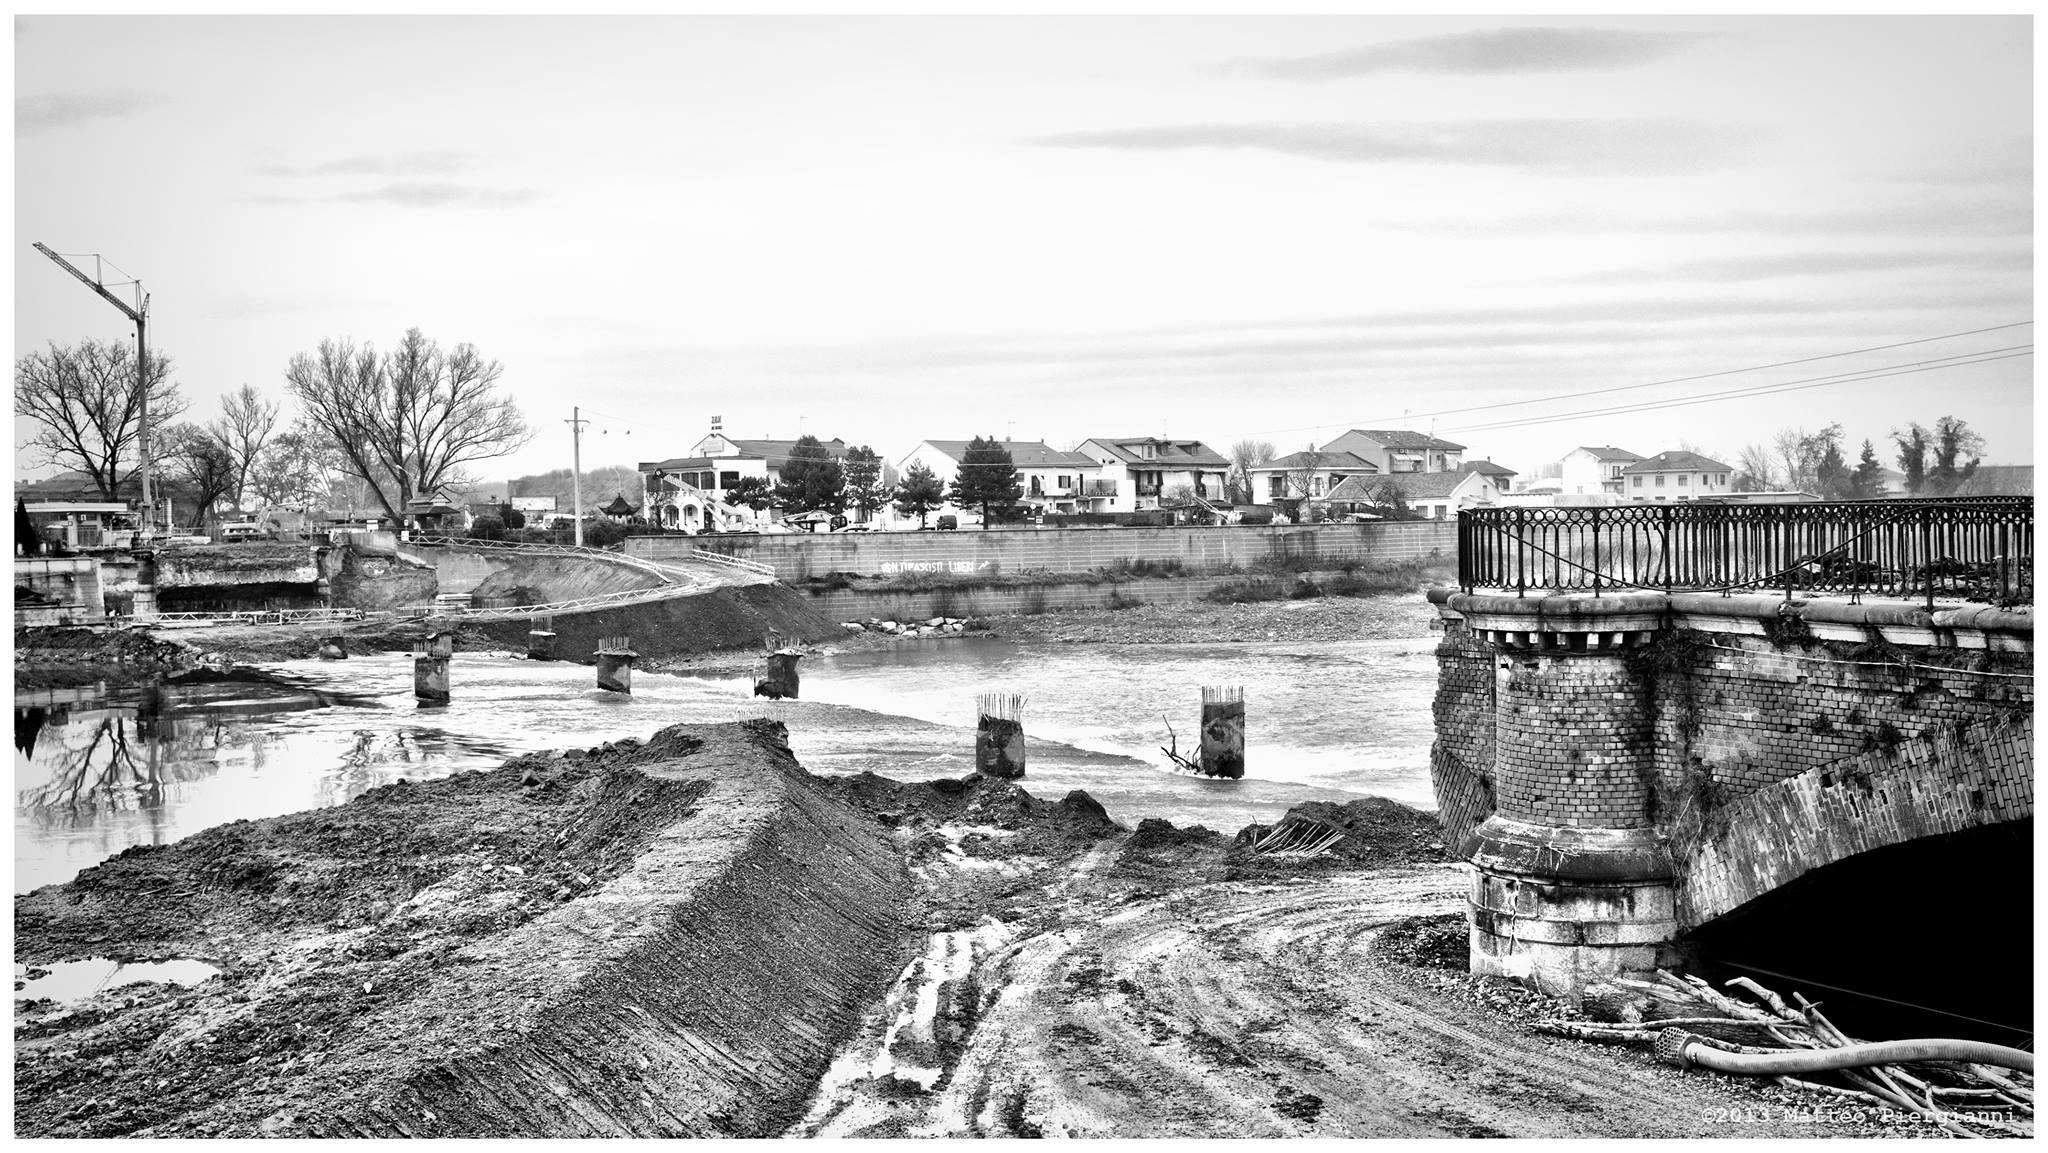 L'ex ponte Tanaro e il cantiere per il nuovo ponte - 23-12-2013